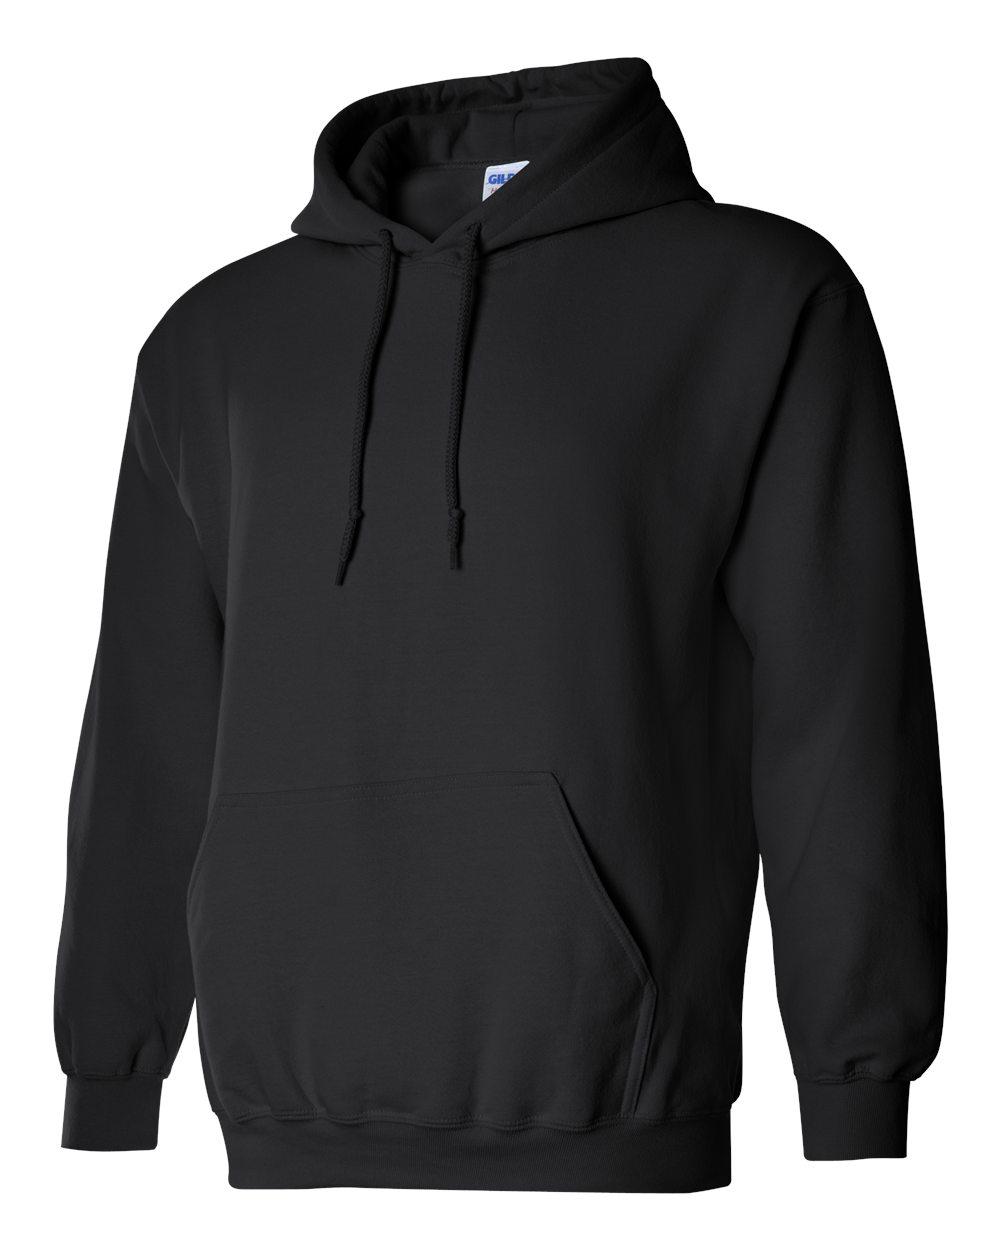 Voorkant King Queen hoodie sweater